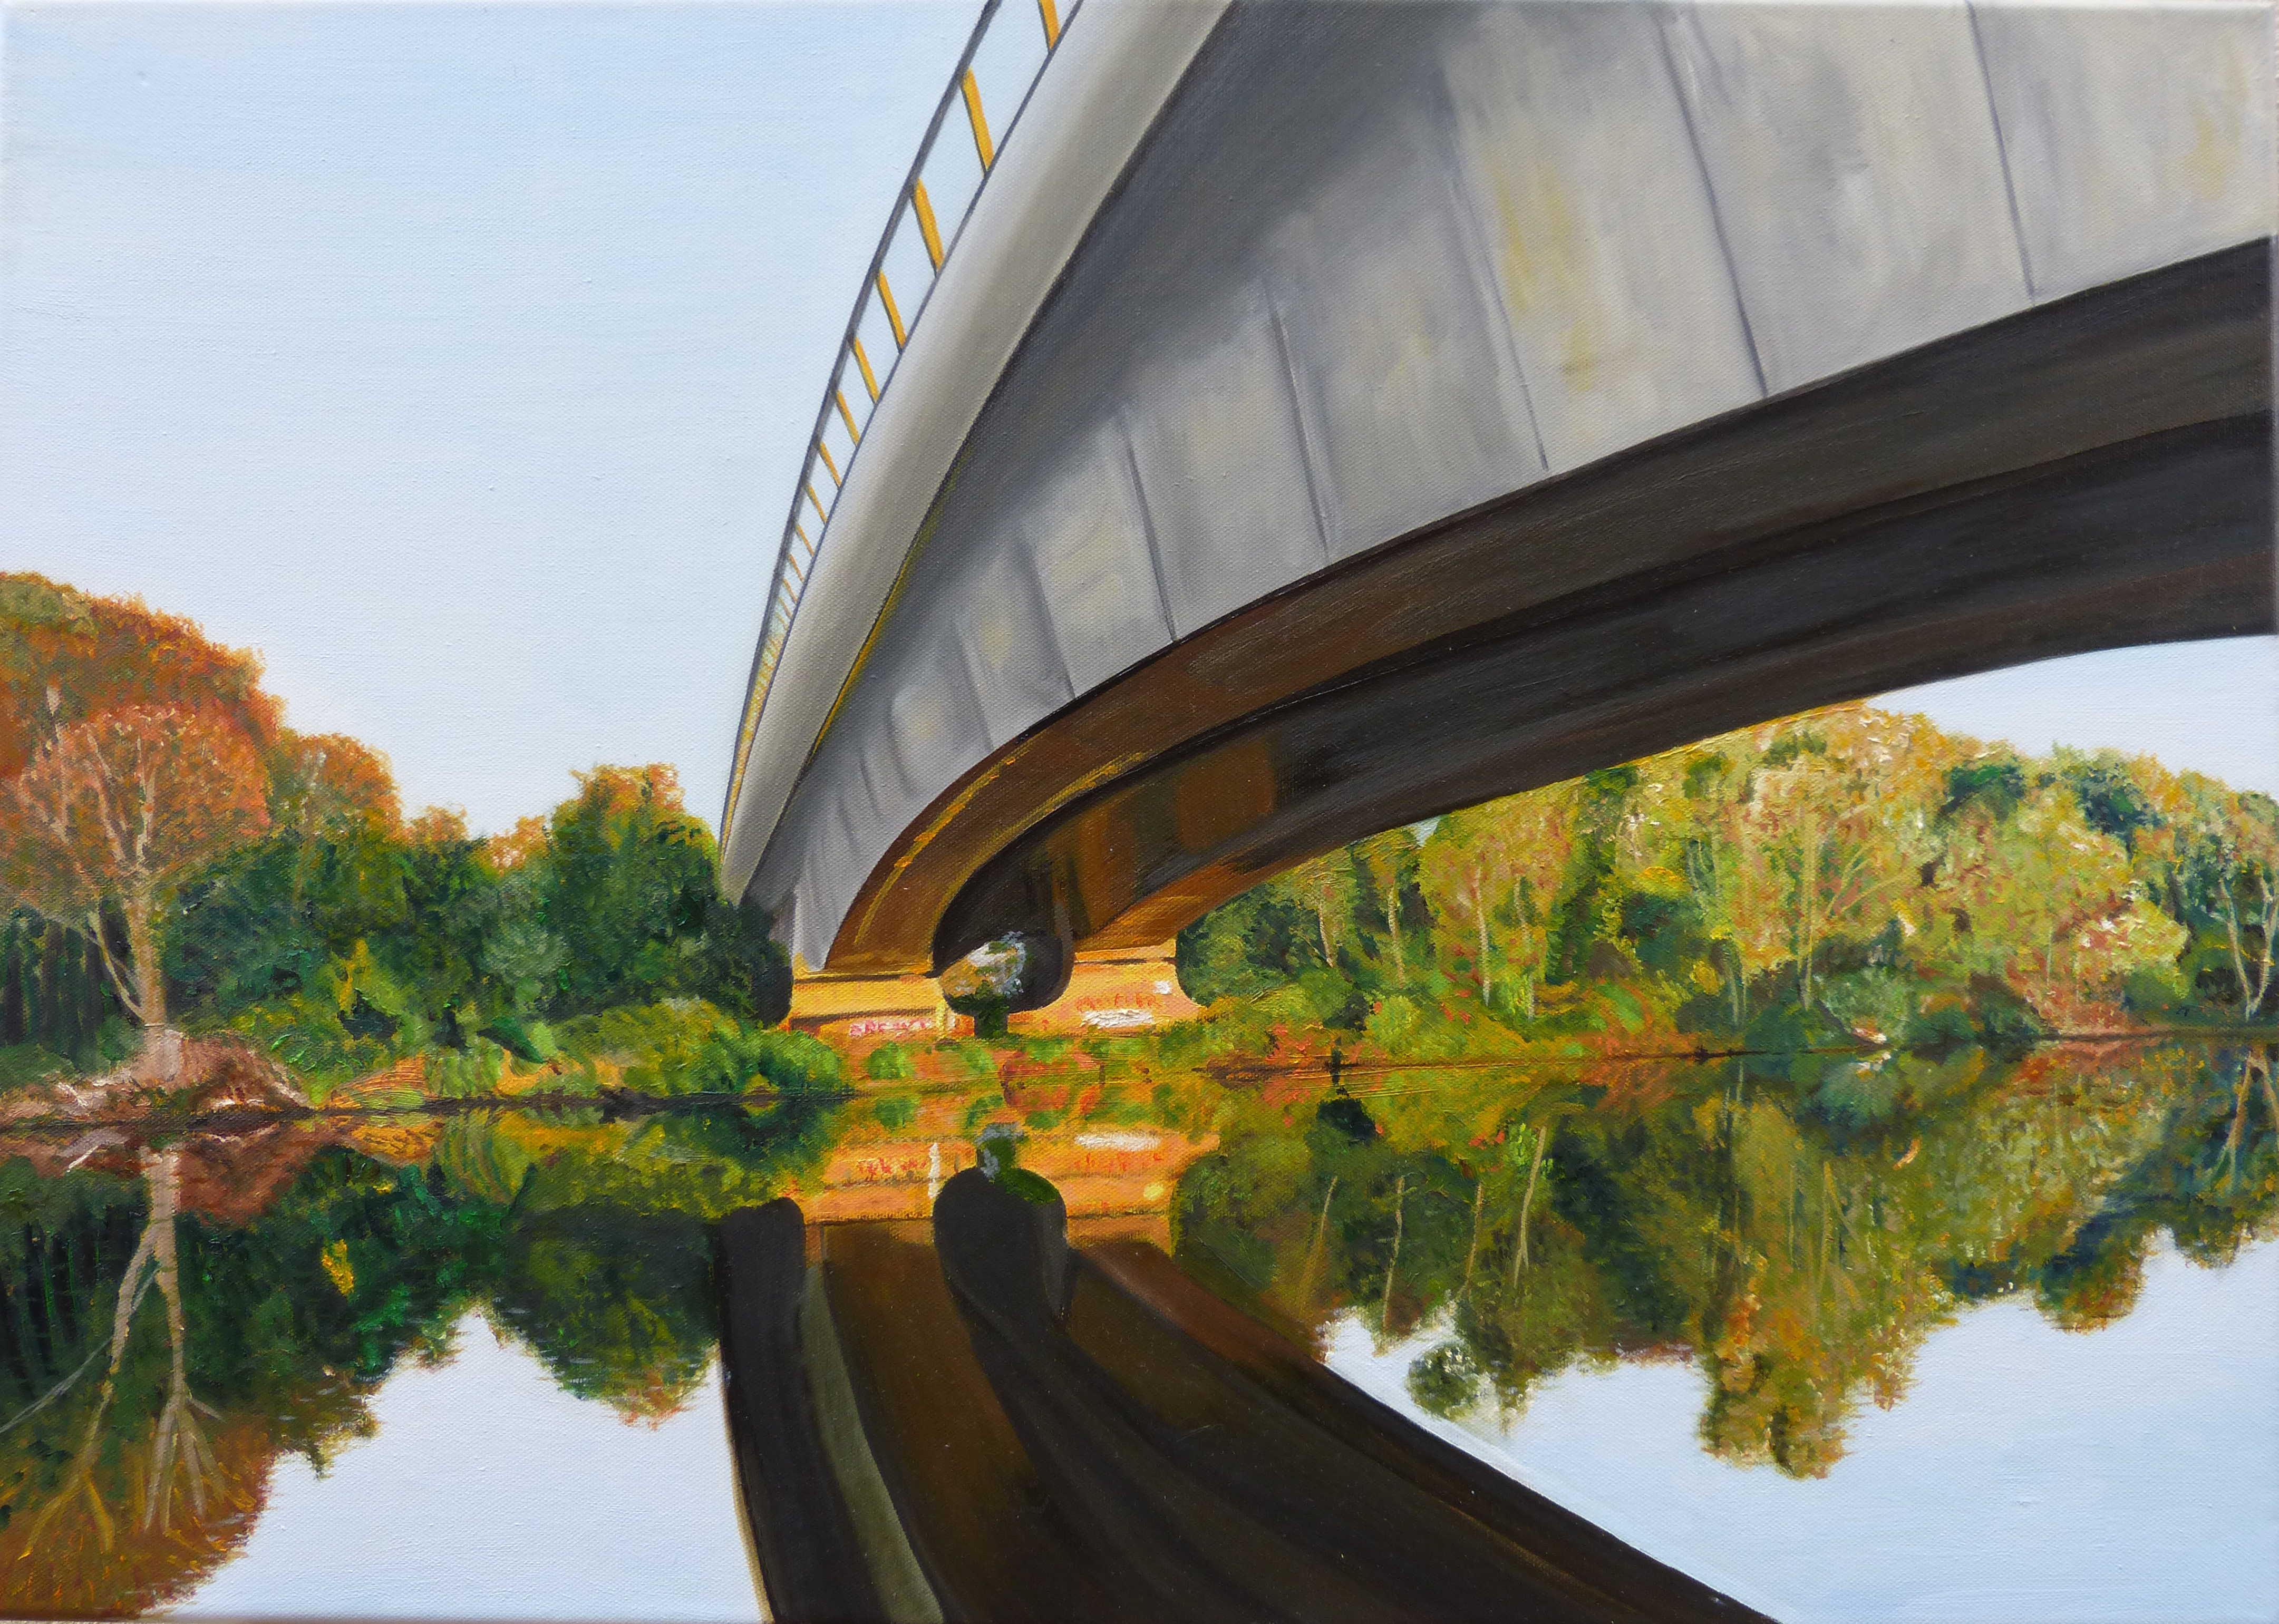 Pont de la A14 sur la Seine à Nanterre